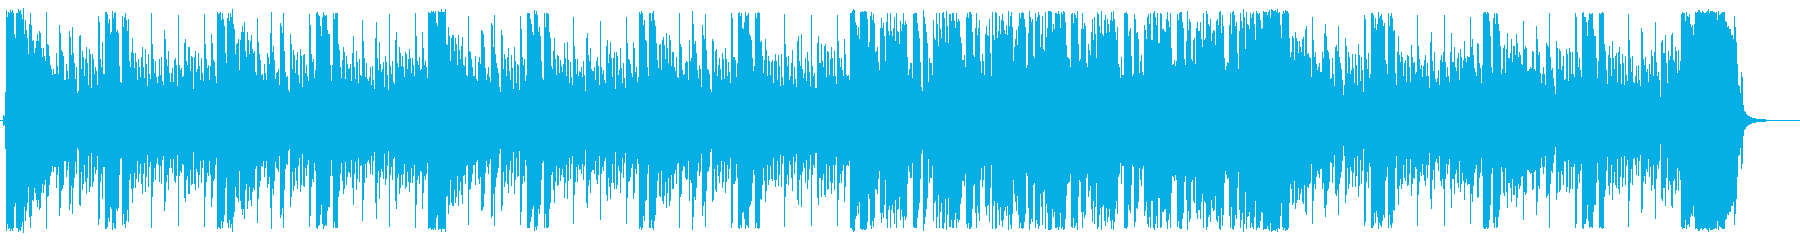 サイバーテイストのギターロックの再生済みの波形